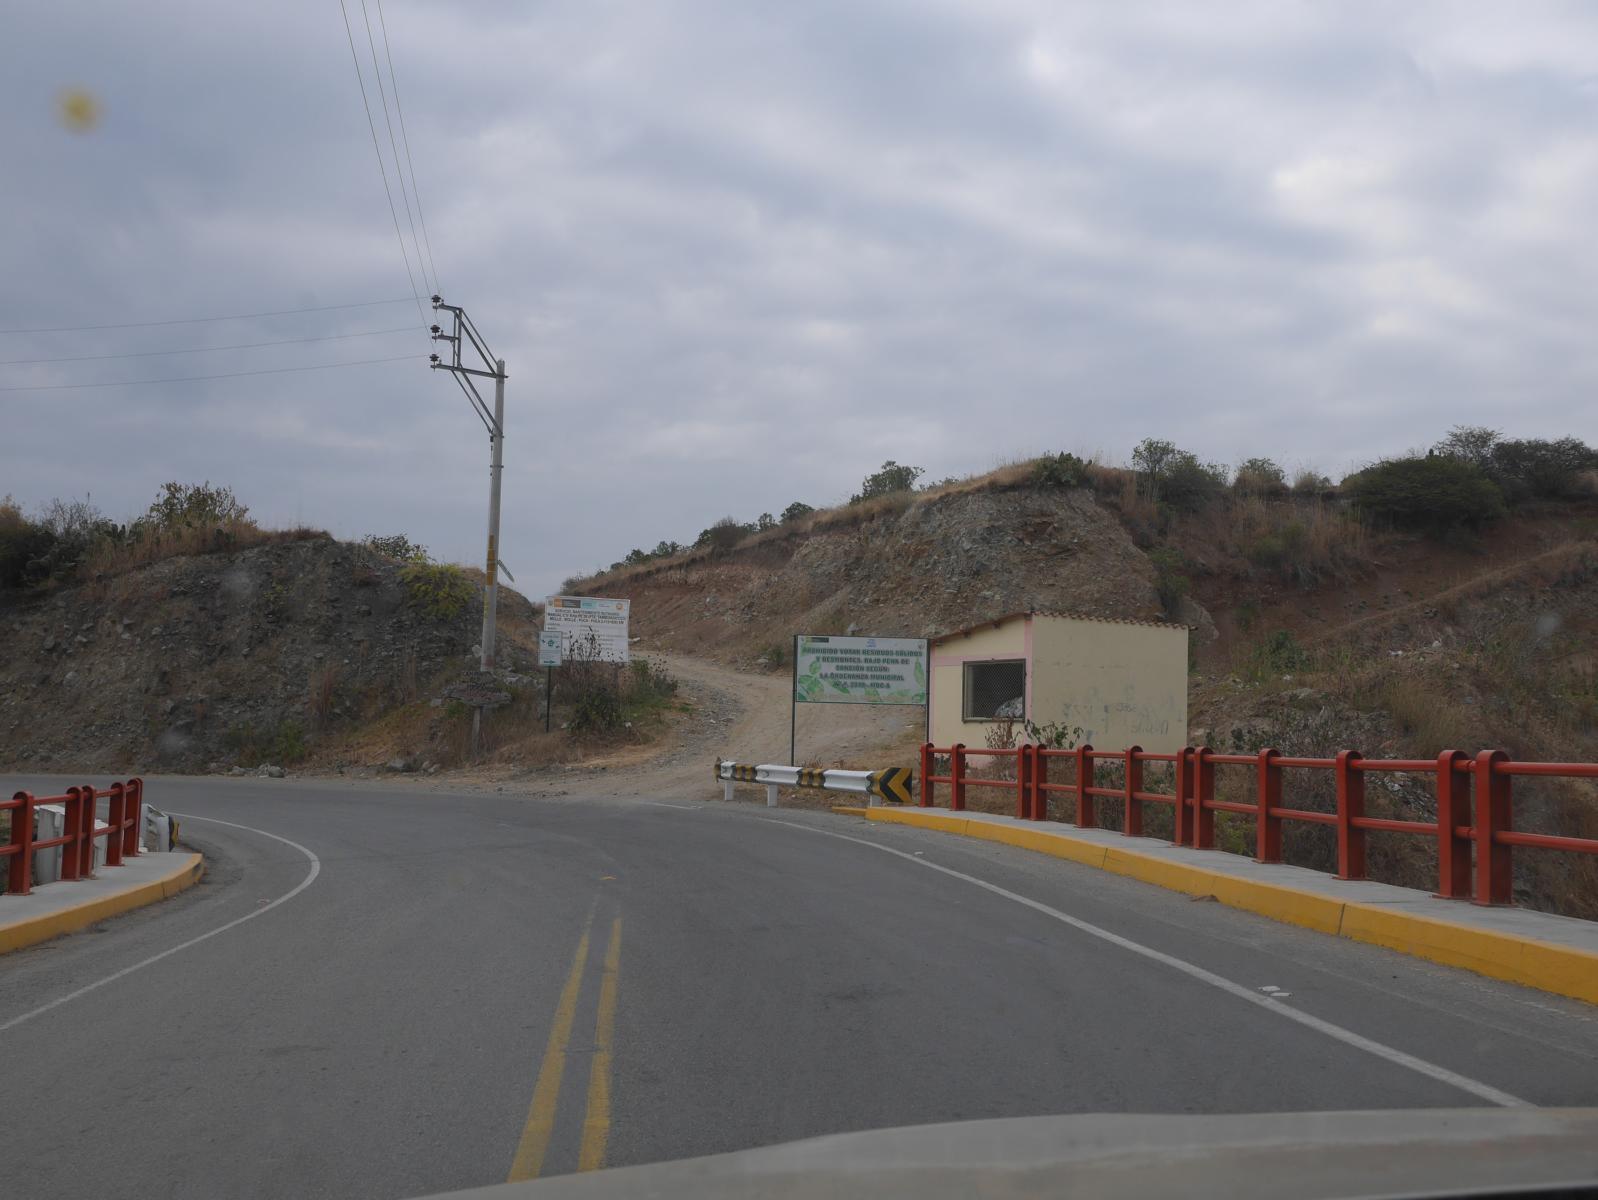 Am Ortsausgang geht es auf den die unbefestigte Nebenstraße.